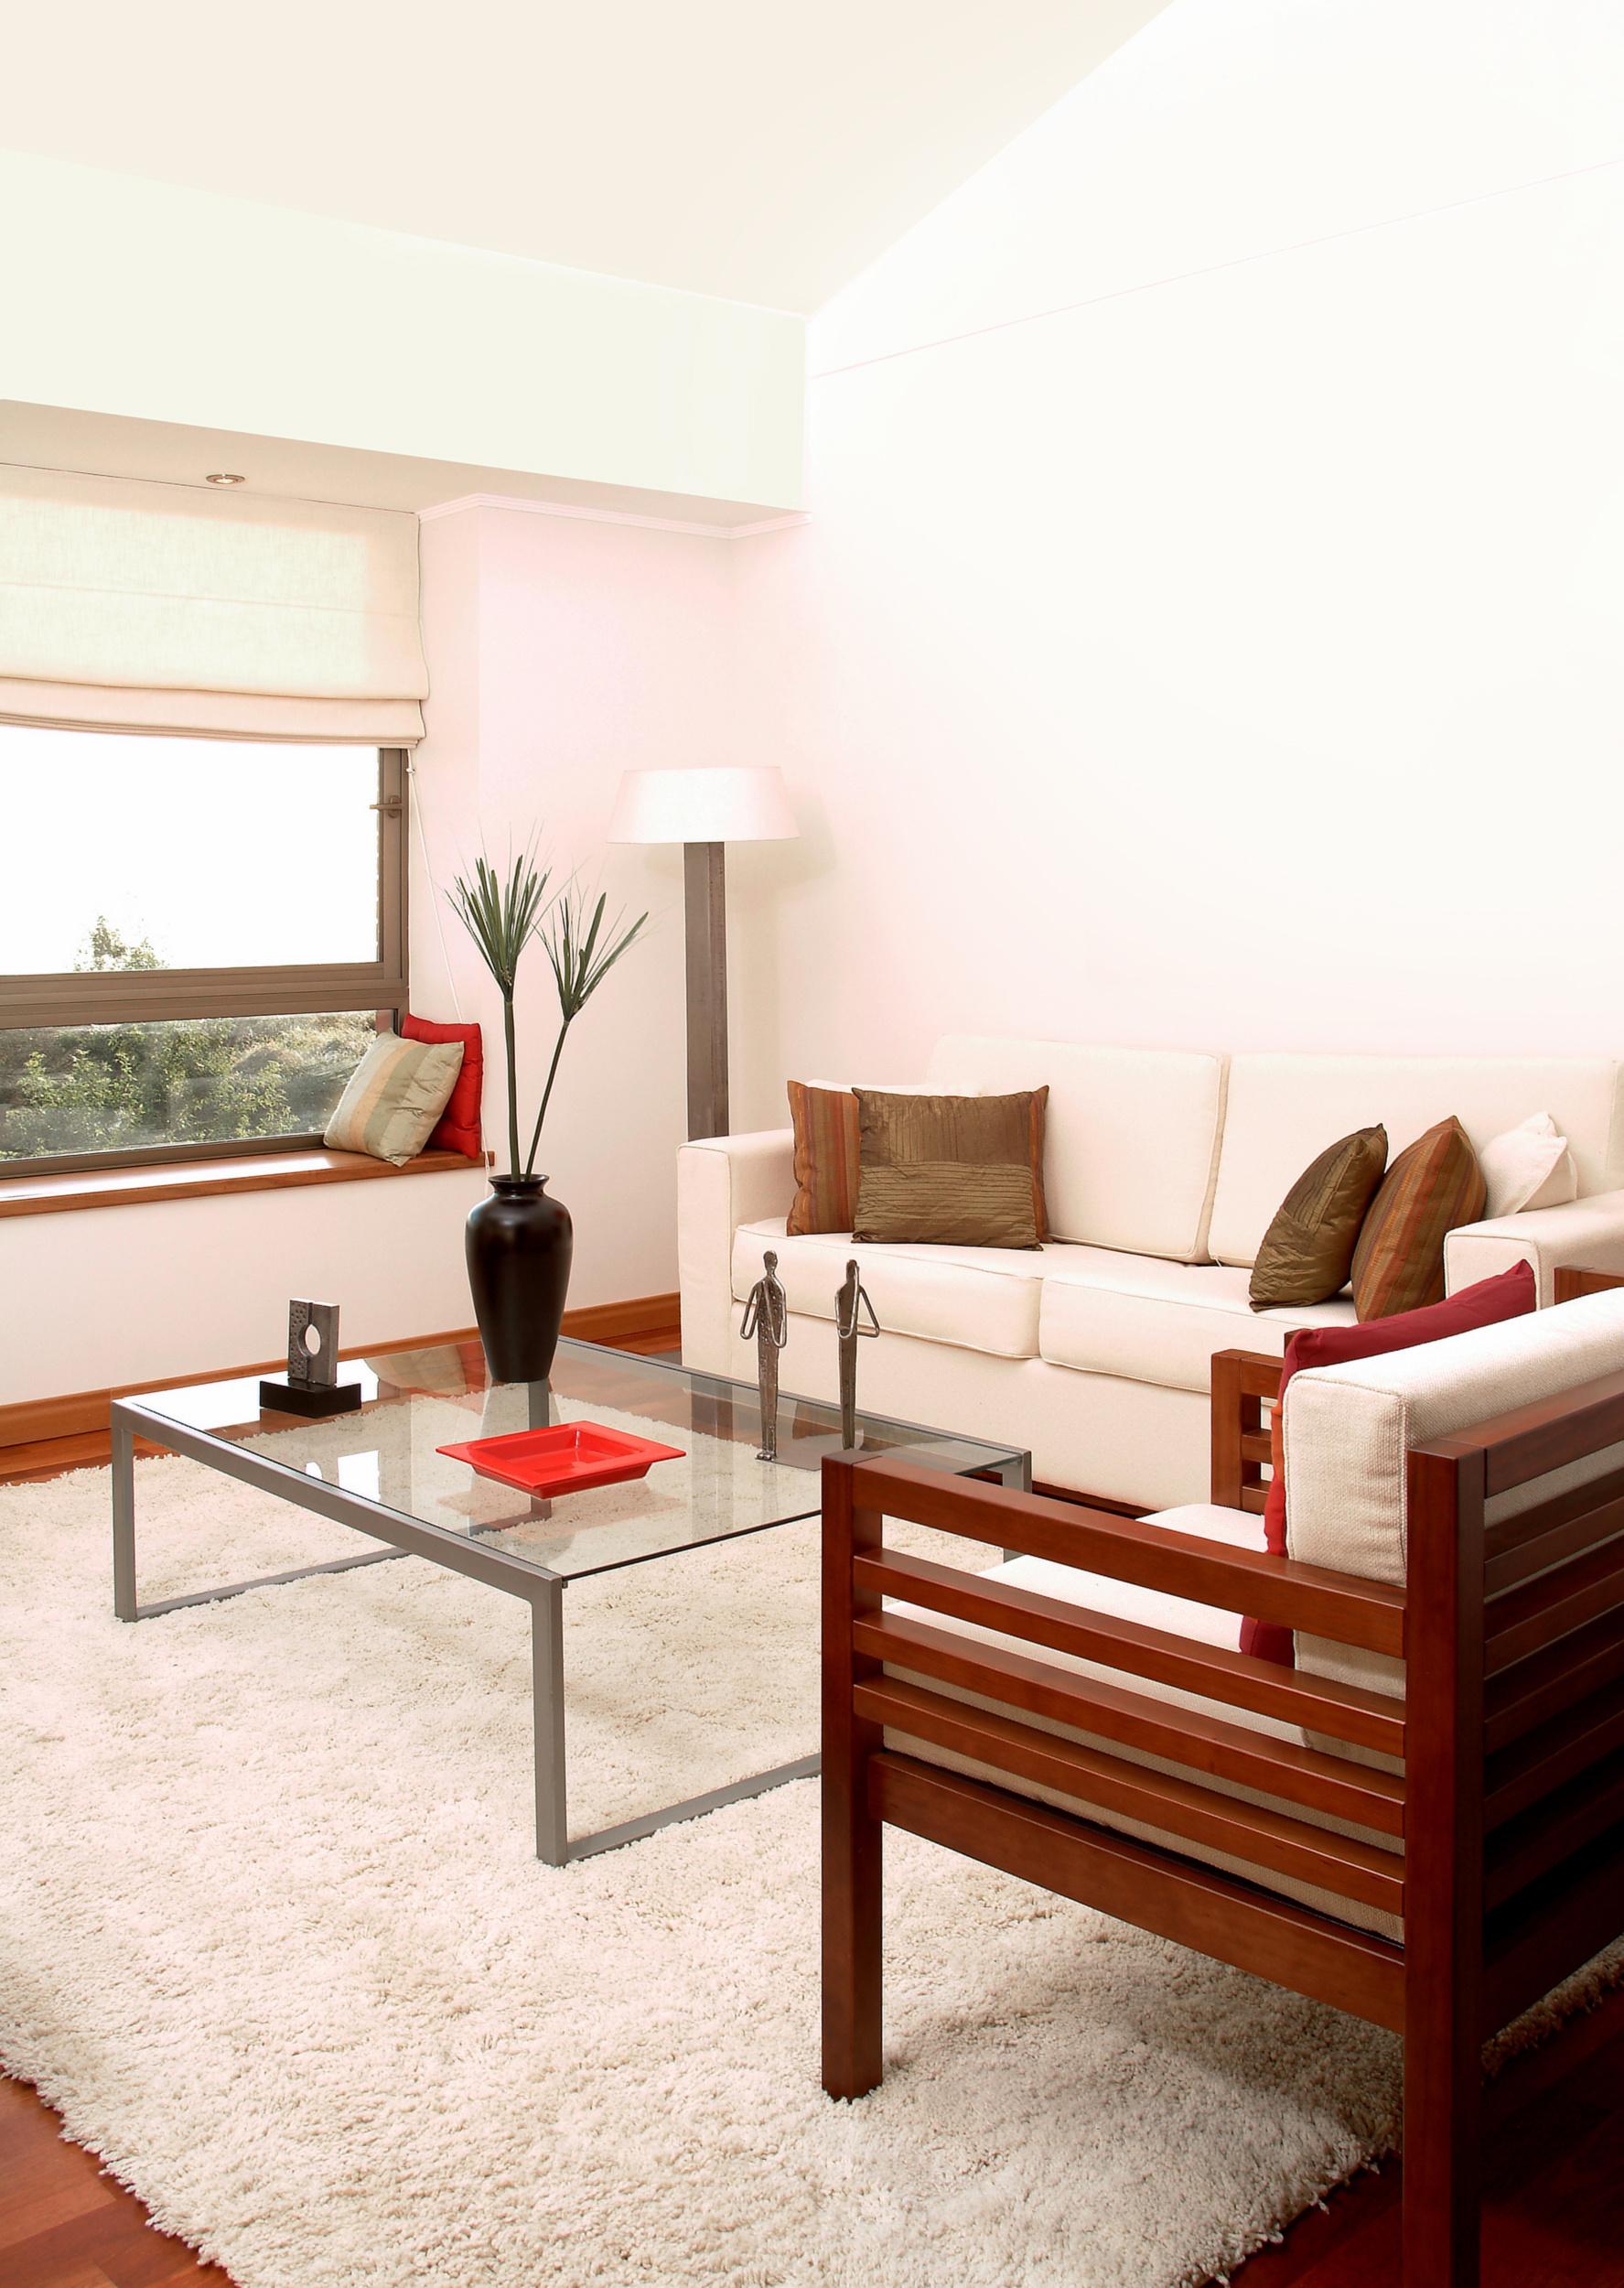 les objets d co ad quats pour agrandir une pi ce d core la vie. Black Bedroom Furniture Sets. Home Design Ideas